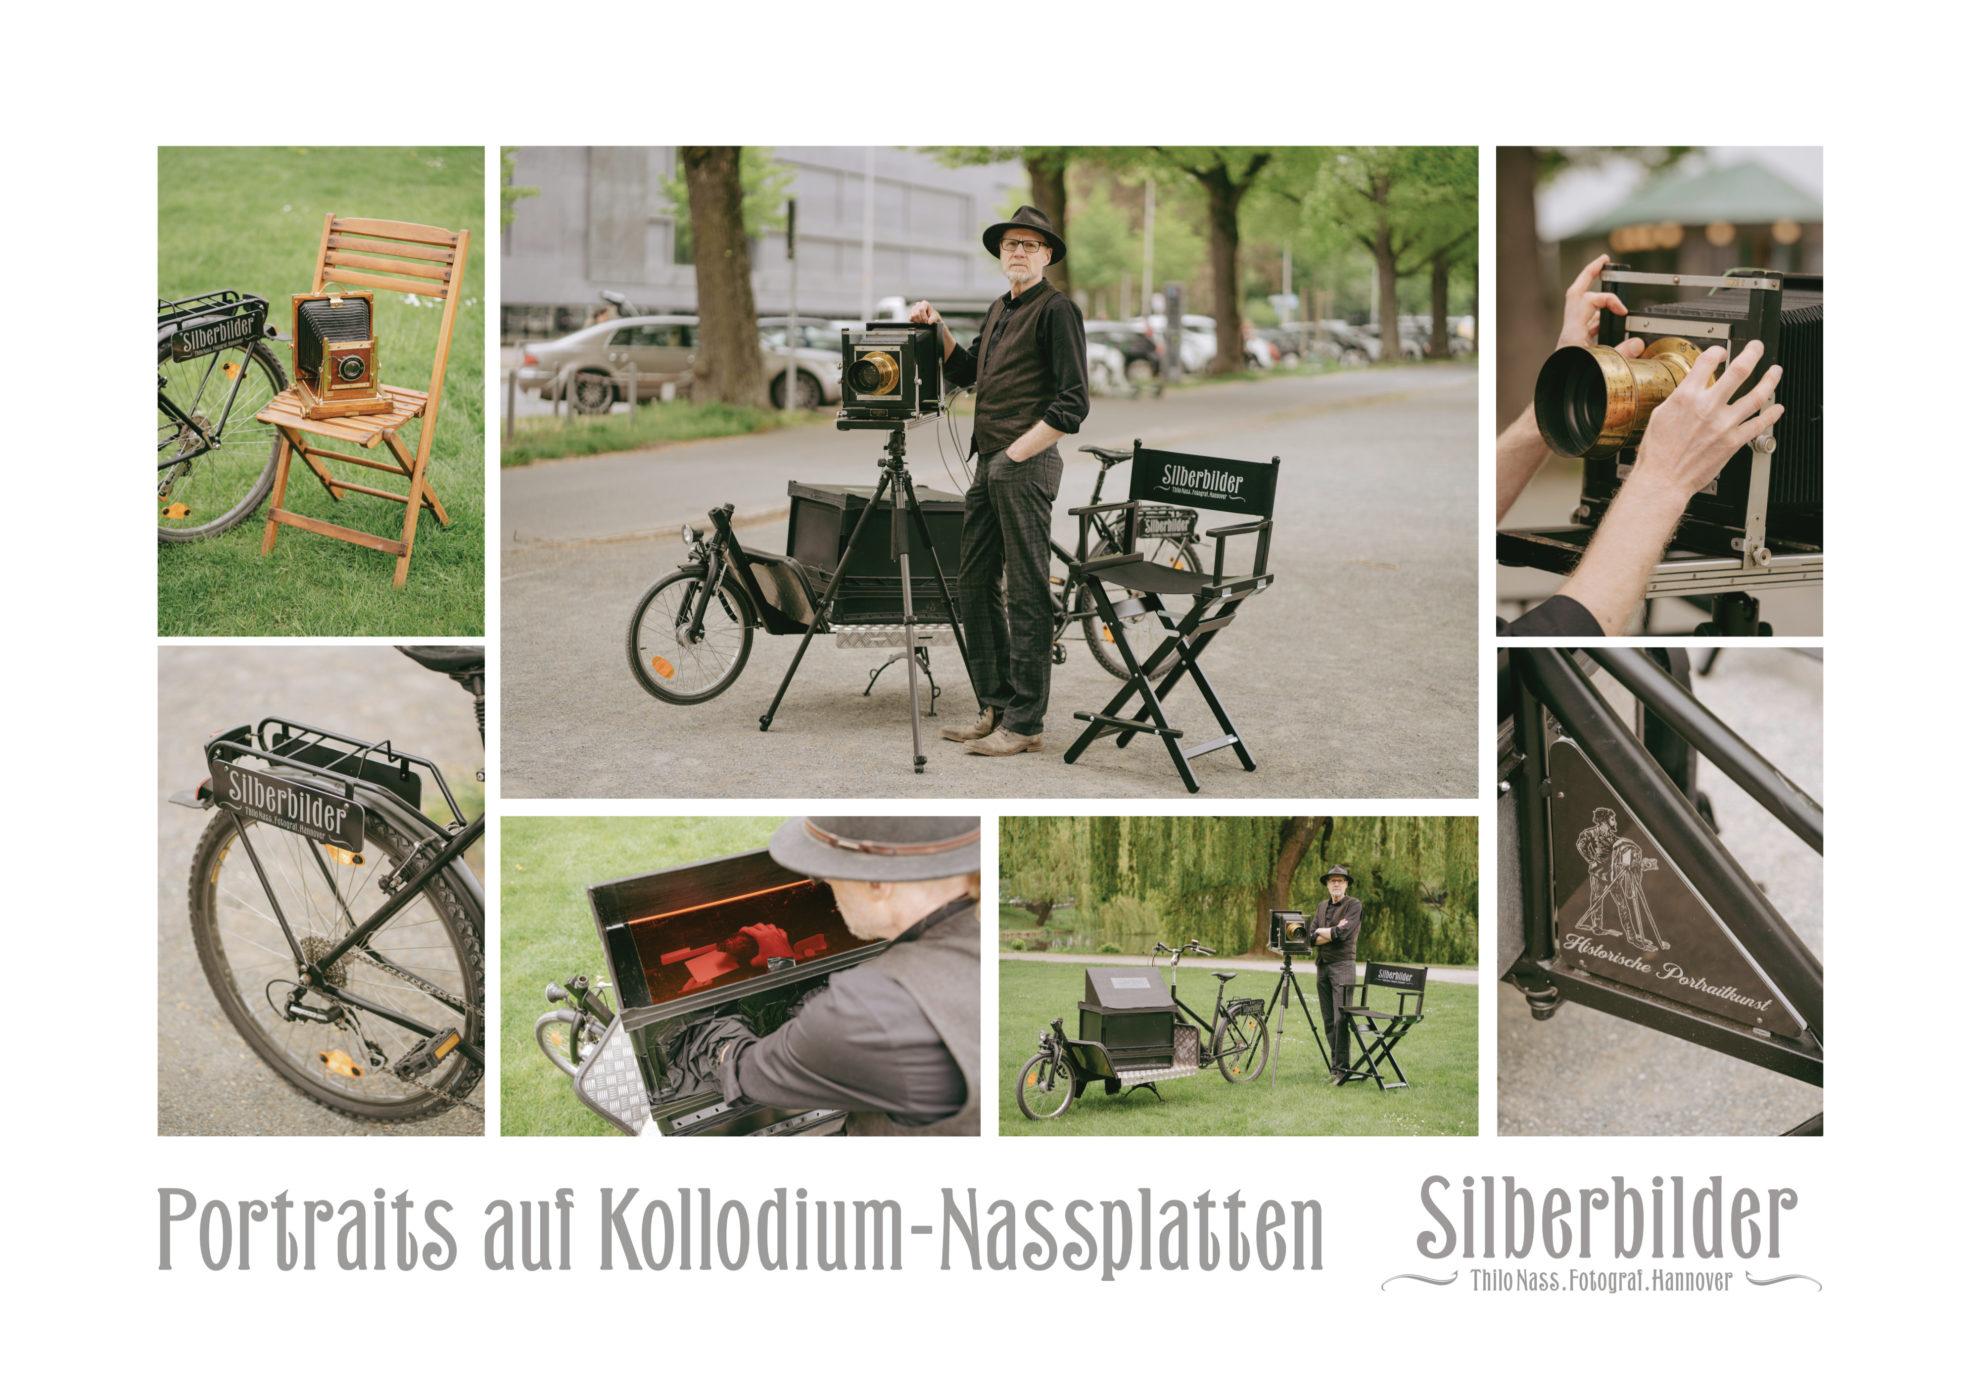 Thilo Nass Silberbilder Fahrrad